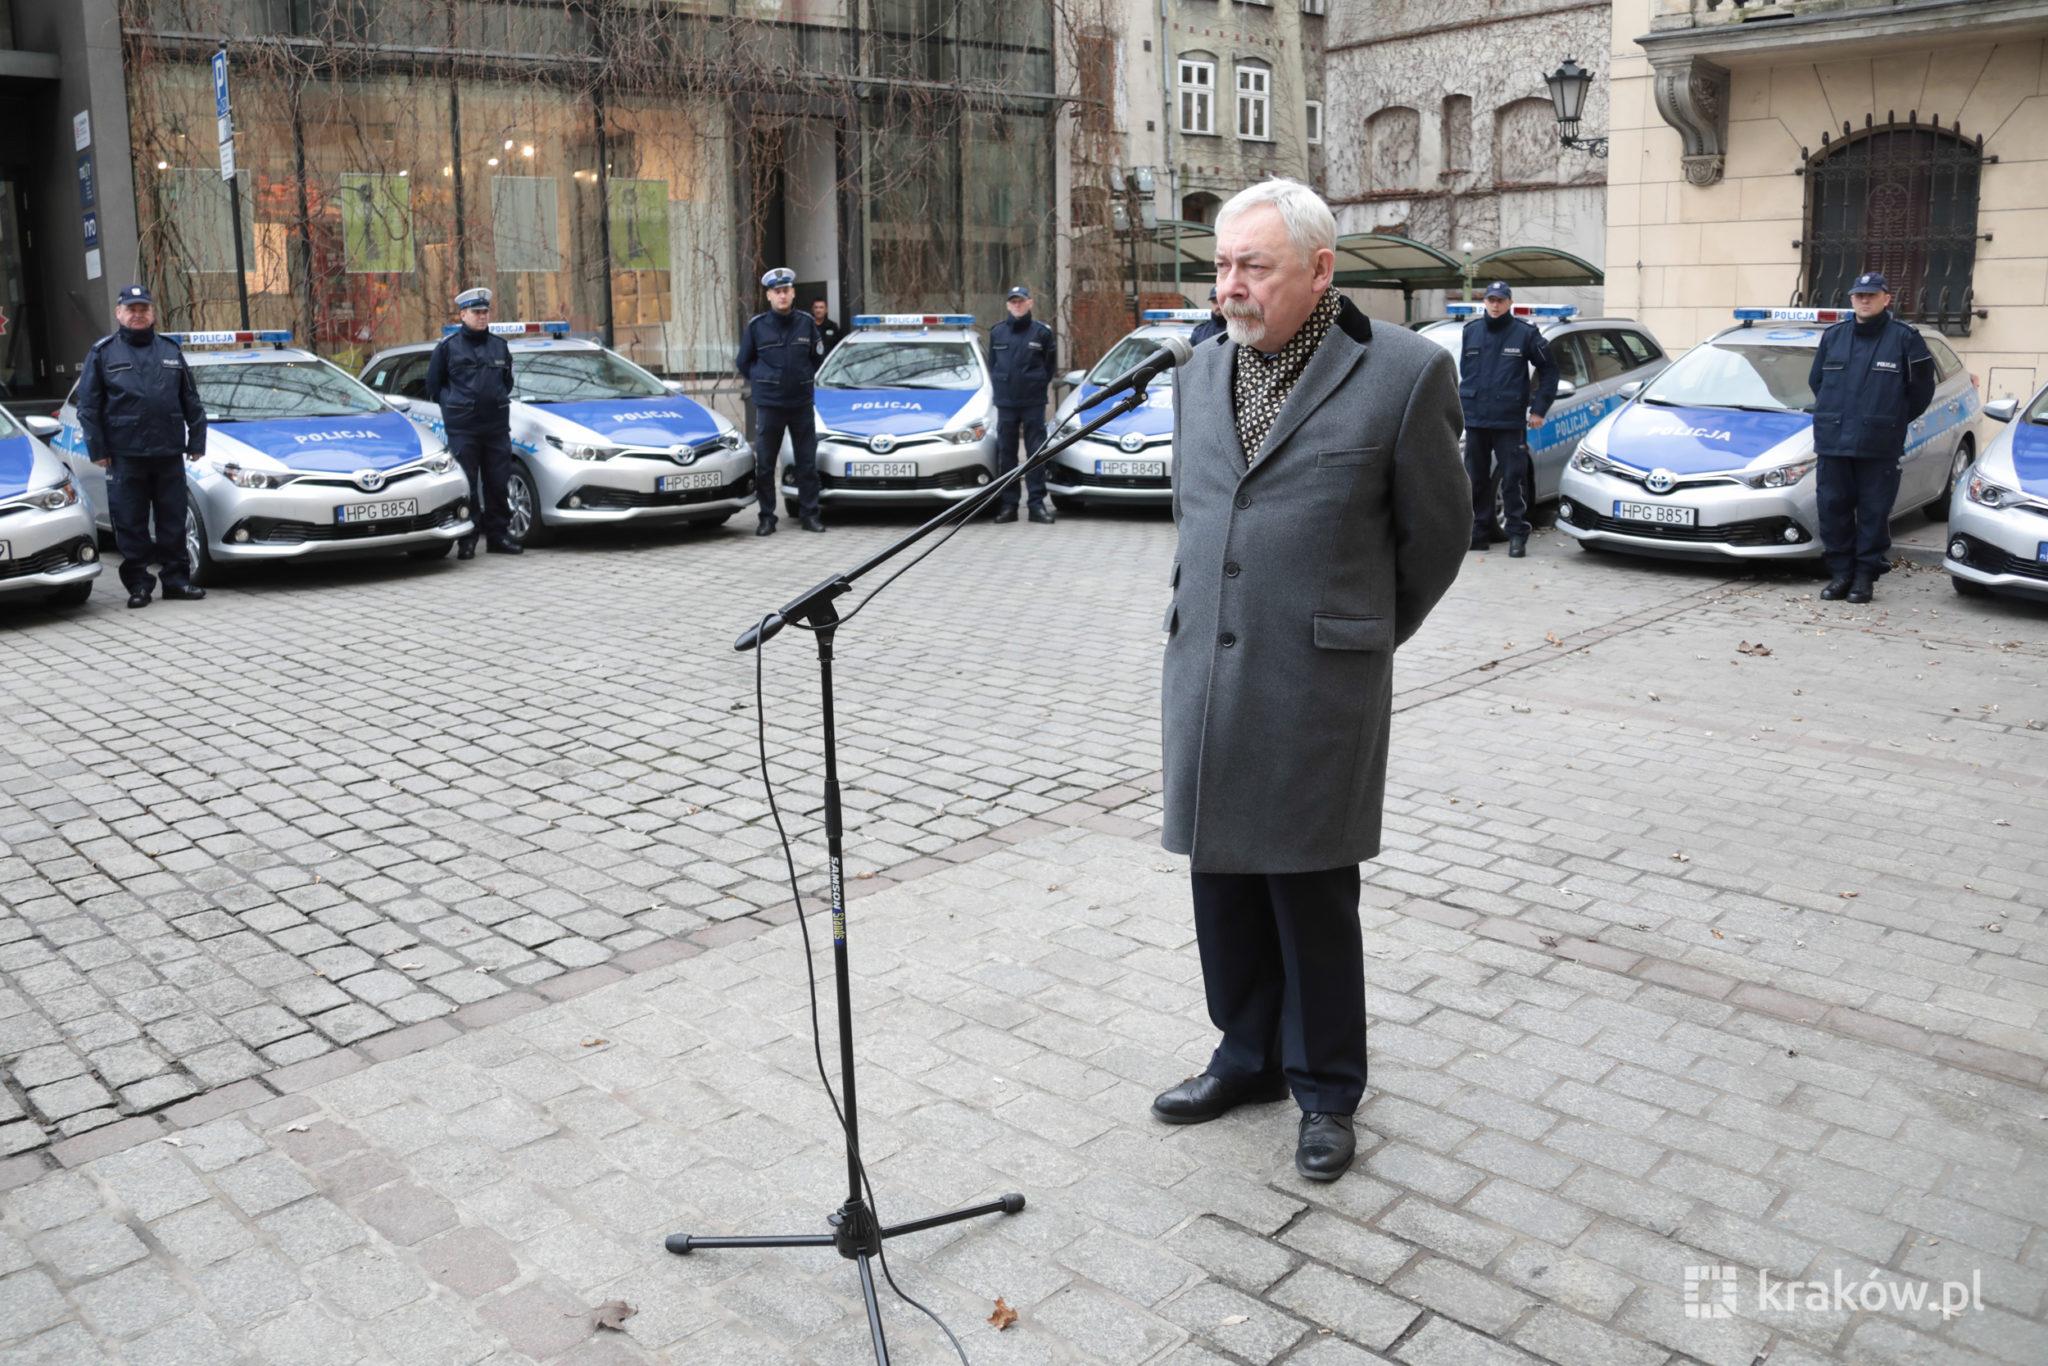 20 radiowozów hybrydowych dla policji